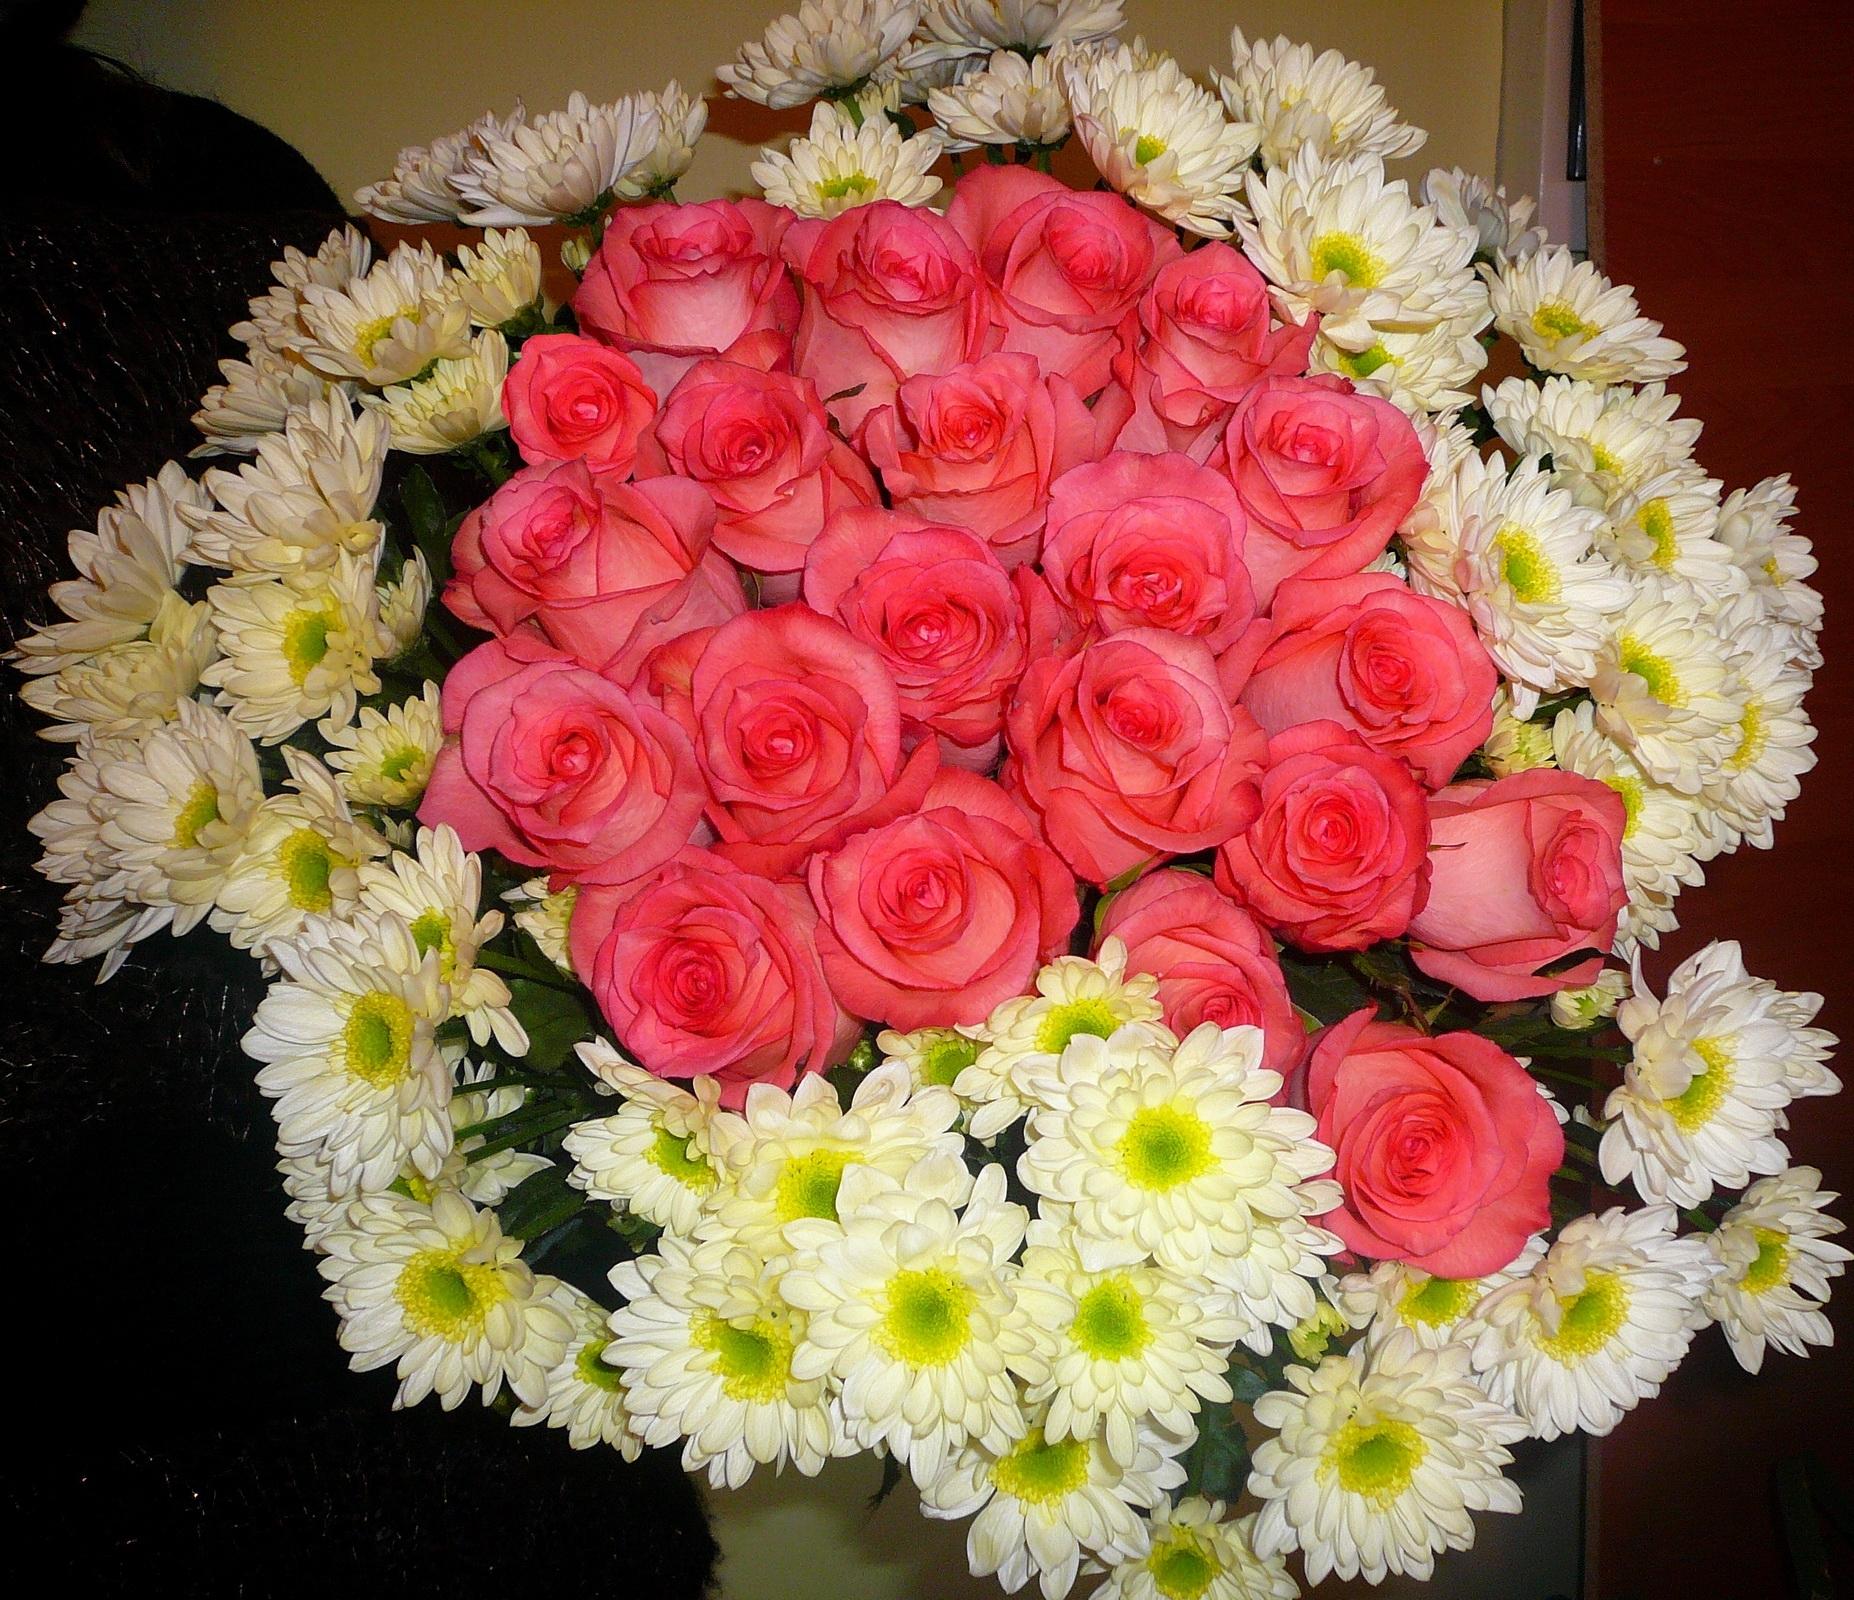 120038 скачать обои Хризантемы, Цветы, Розы, Букет - заставки и картинки бесплатно